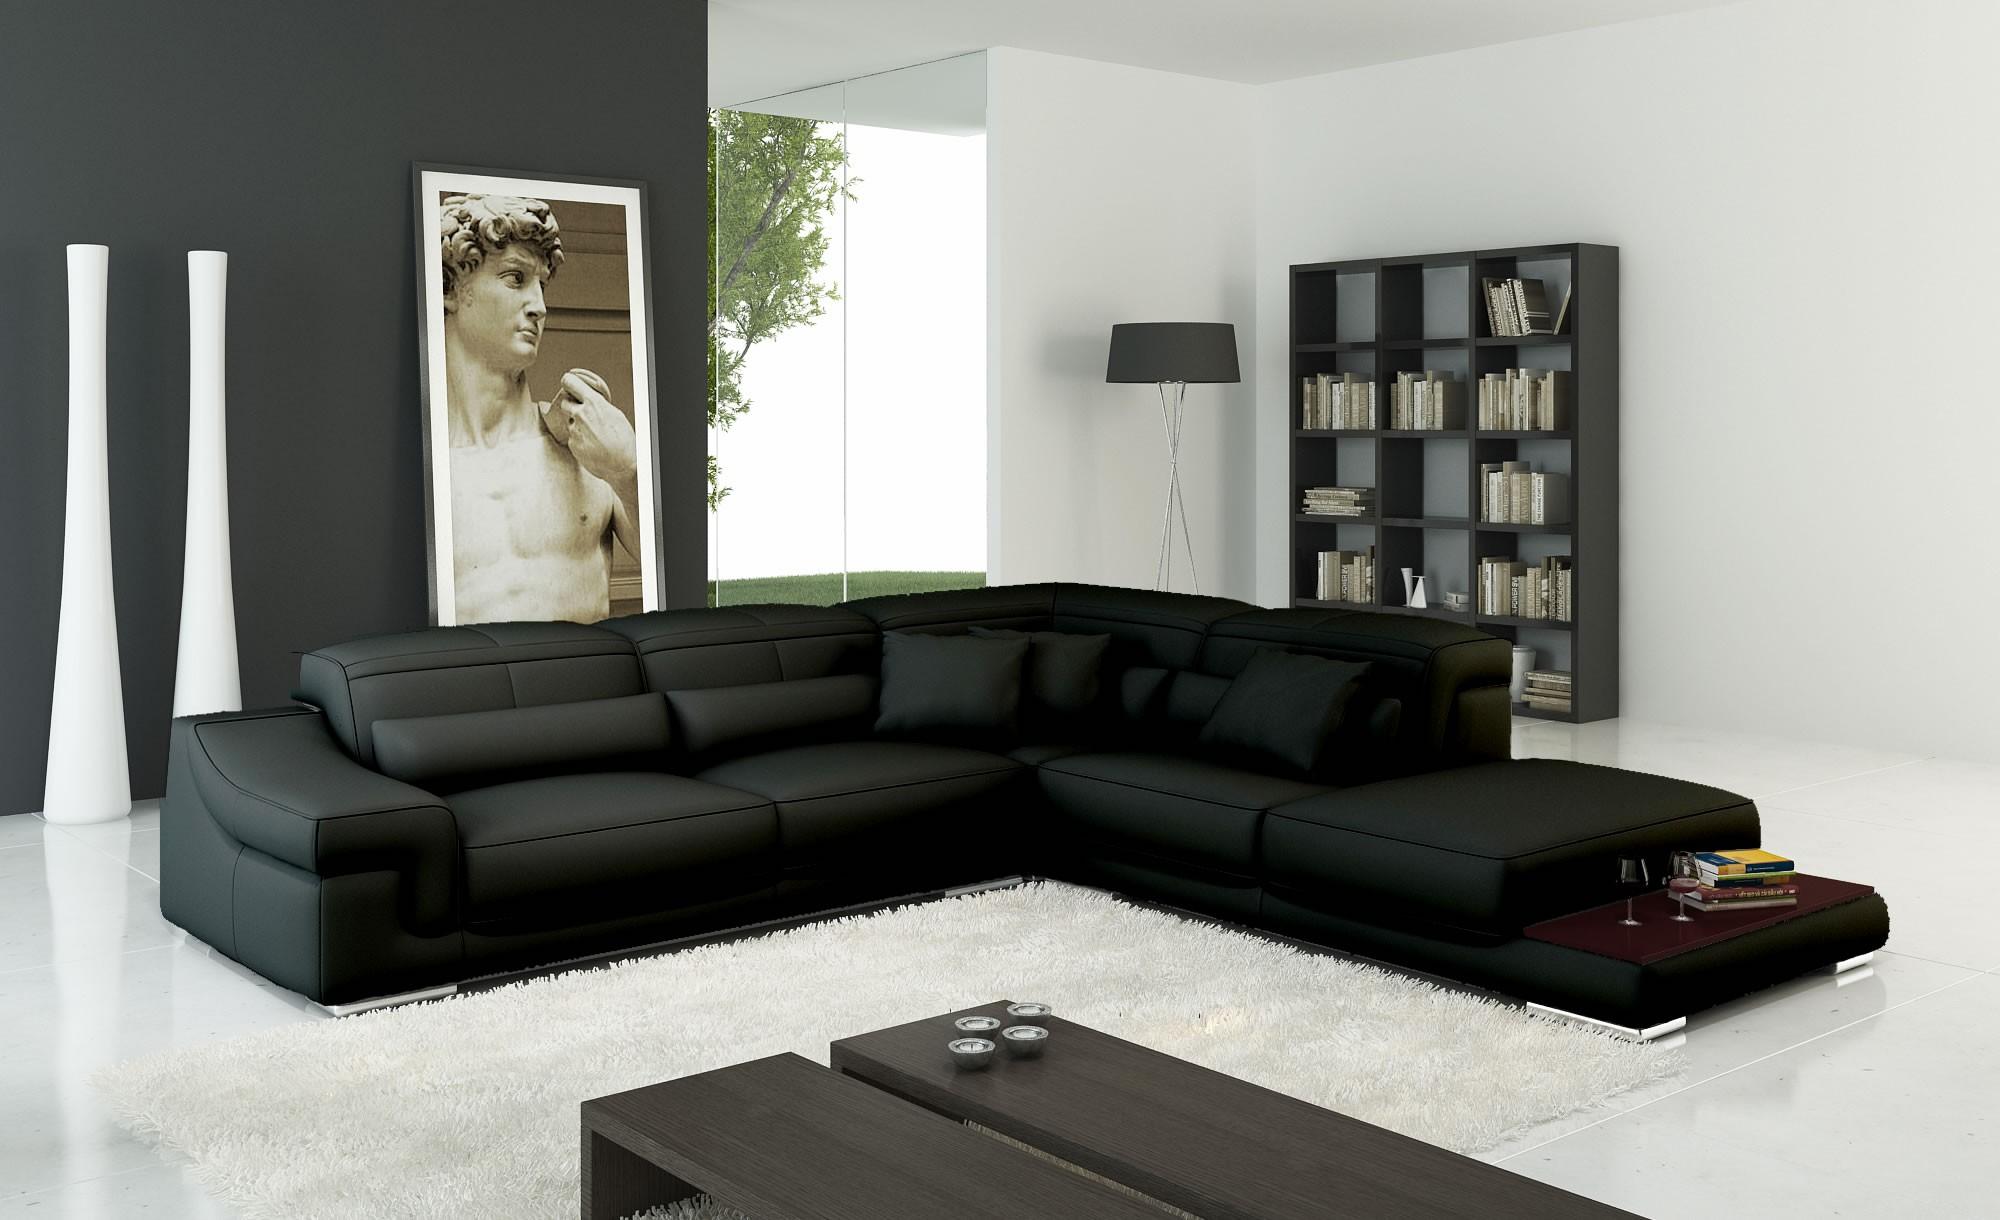 Накидка на диван: 30 Идей, как украсить и защитить мебель 9